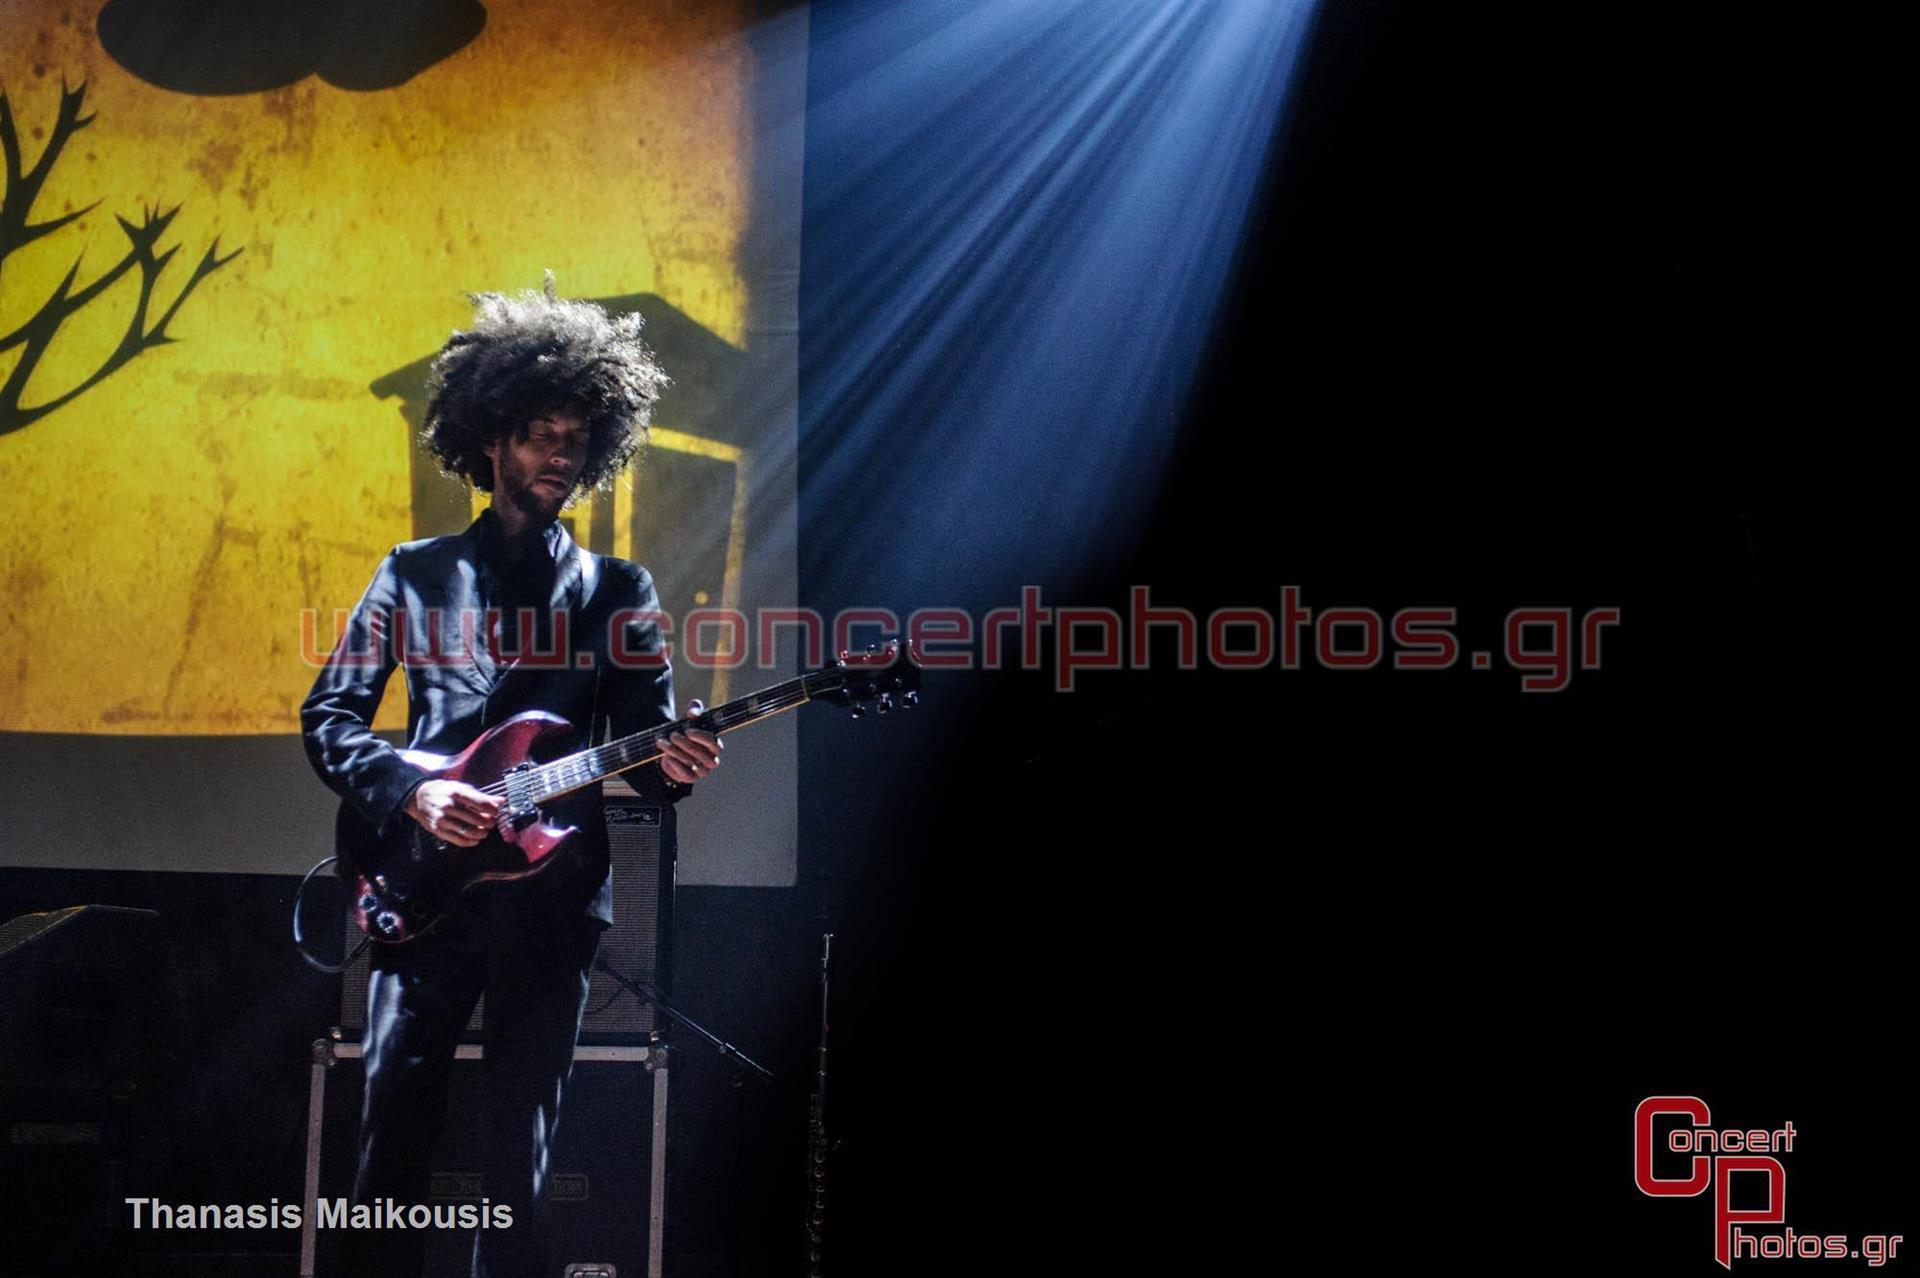 Wax Tailor - photographer: Thanasis Maikousis - ConcertPhotos-7602